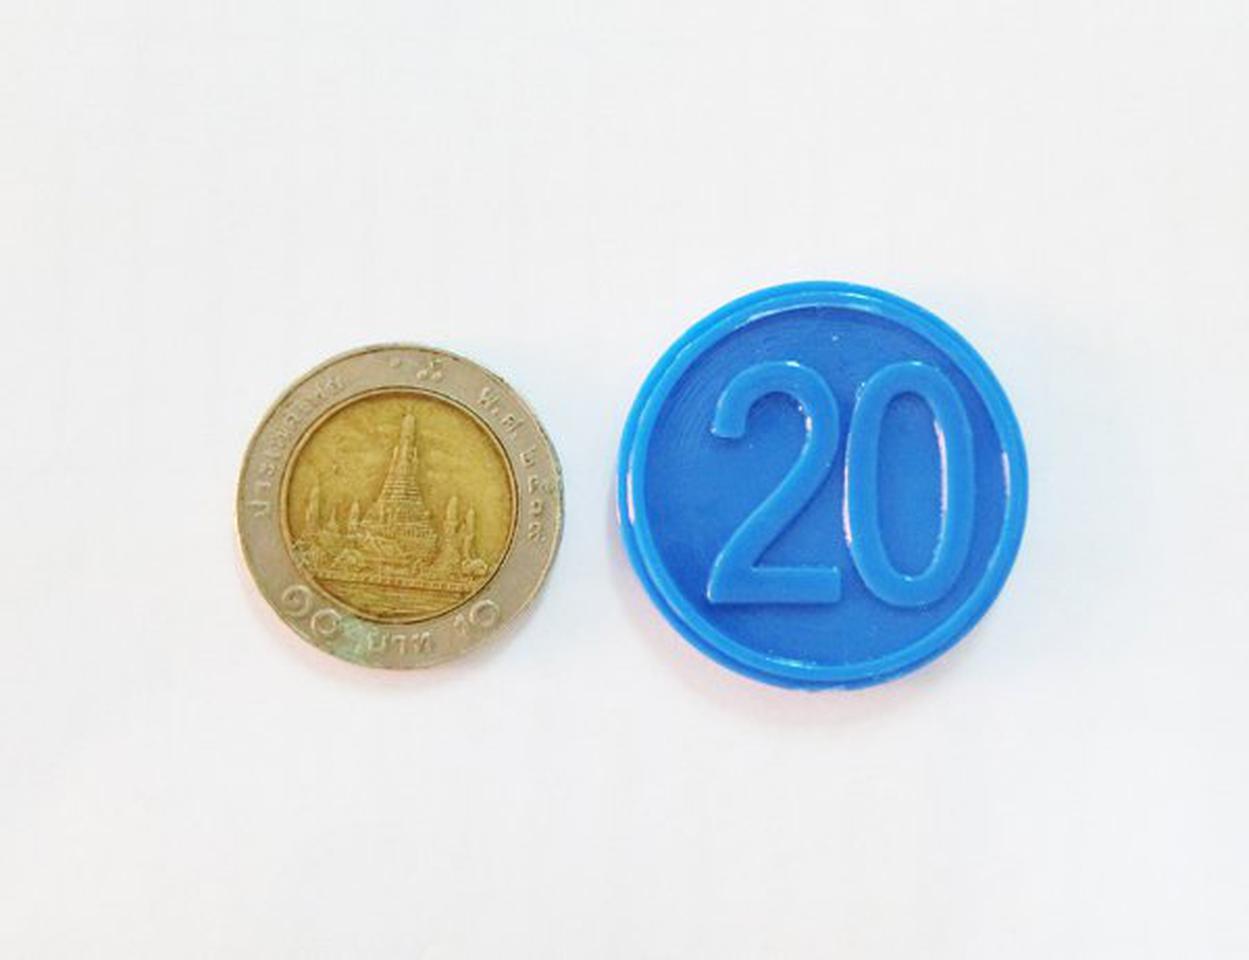 ขายเหรียญชิป คูปอง เหรียญชิพพลาสติกราคาถูกที่สุด รูปที่ 3